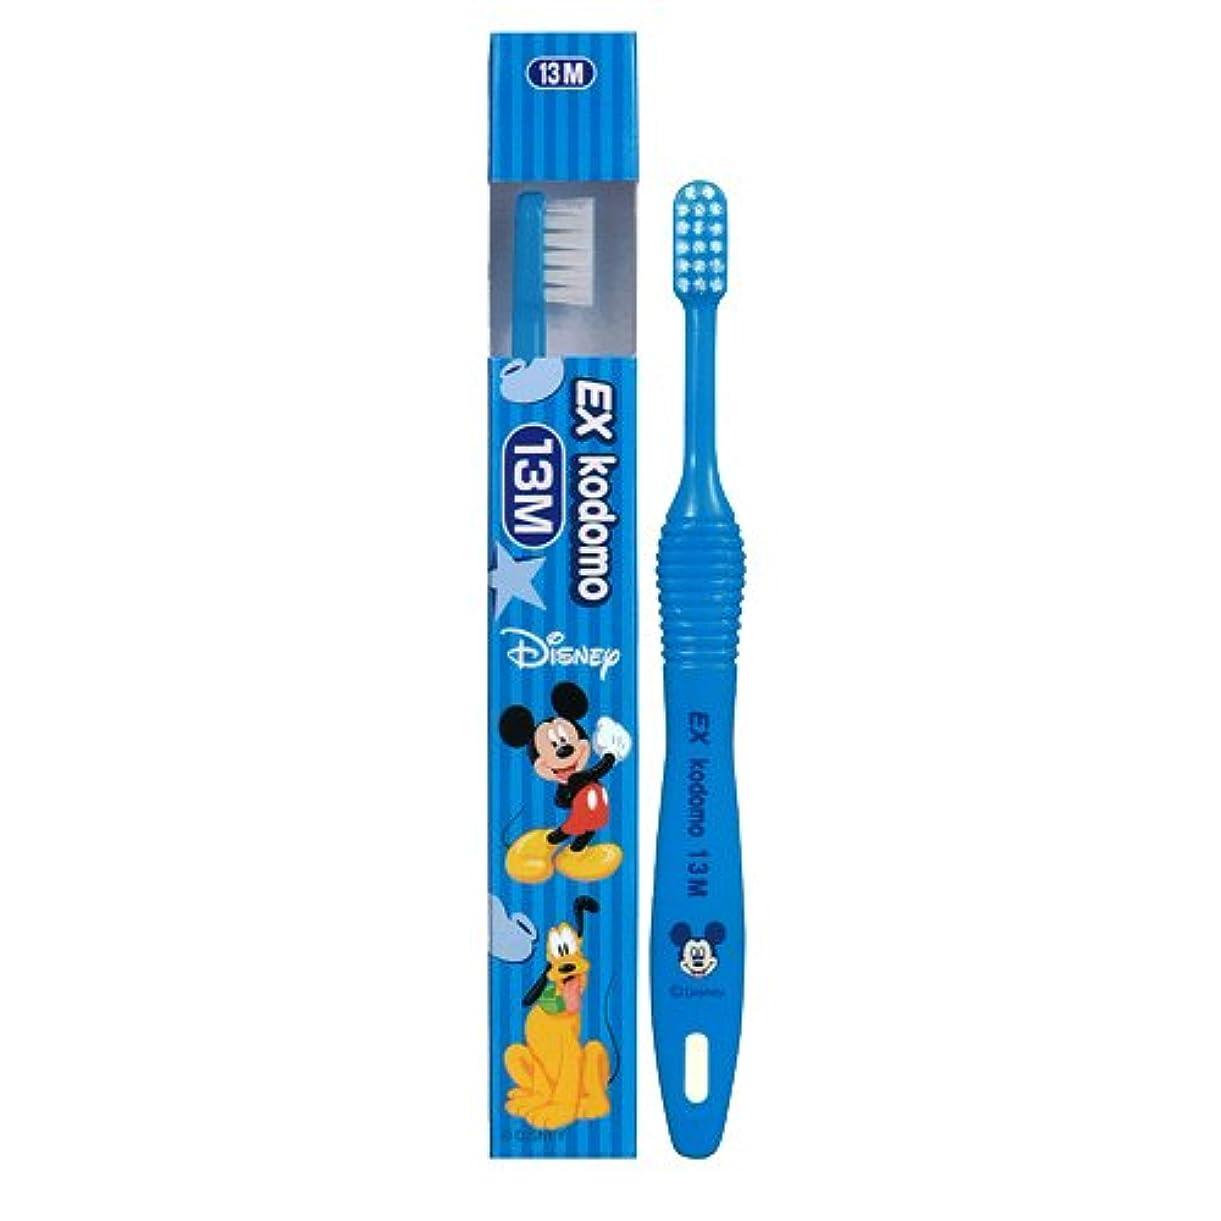 見て感度クランプEX kodomo ディズニー 歯ブラシ 13(乳幼児用?0~6歳)M 4本入り